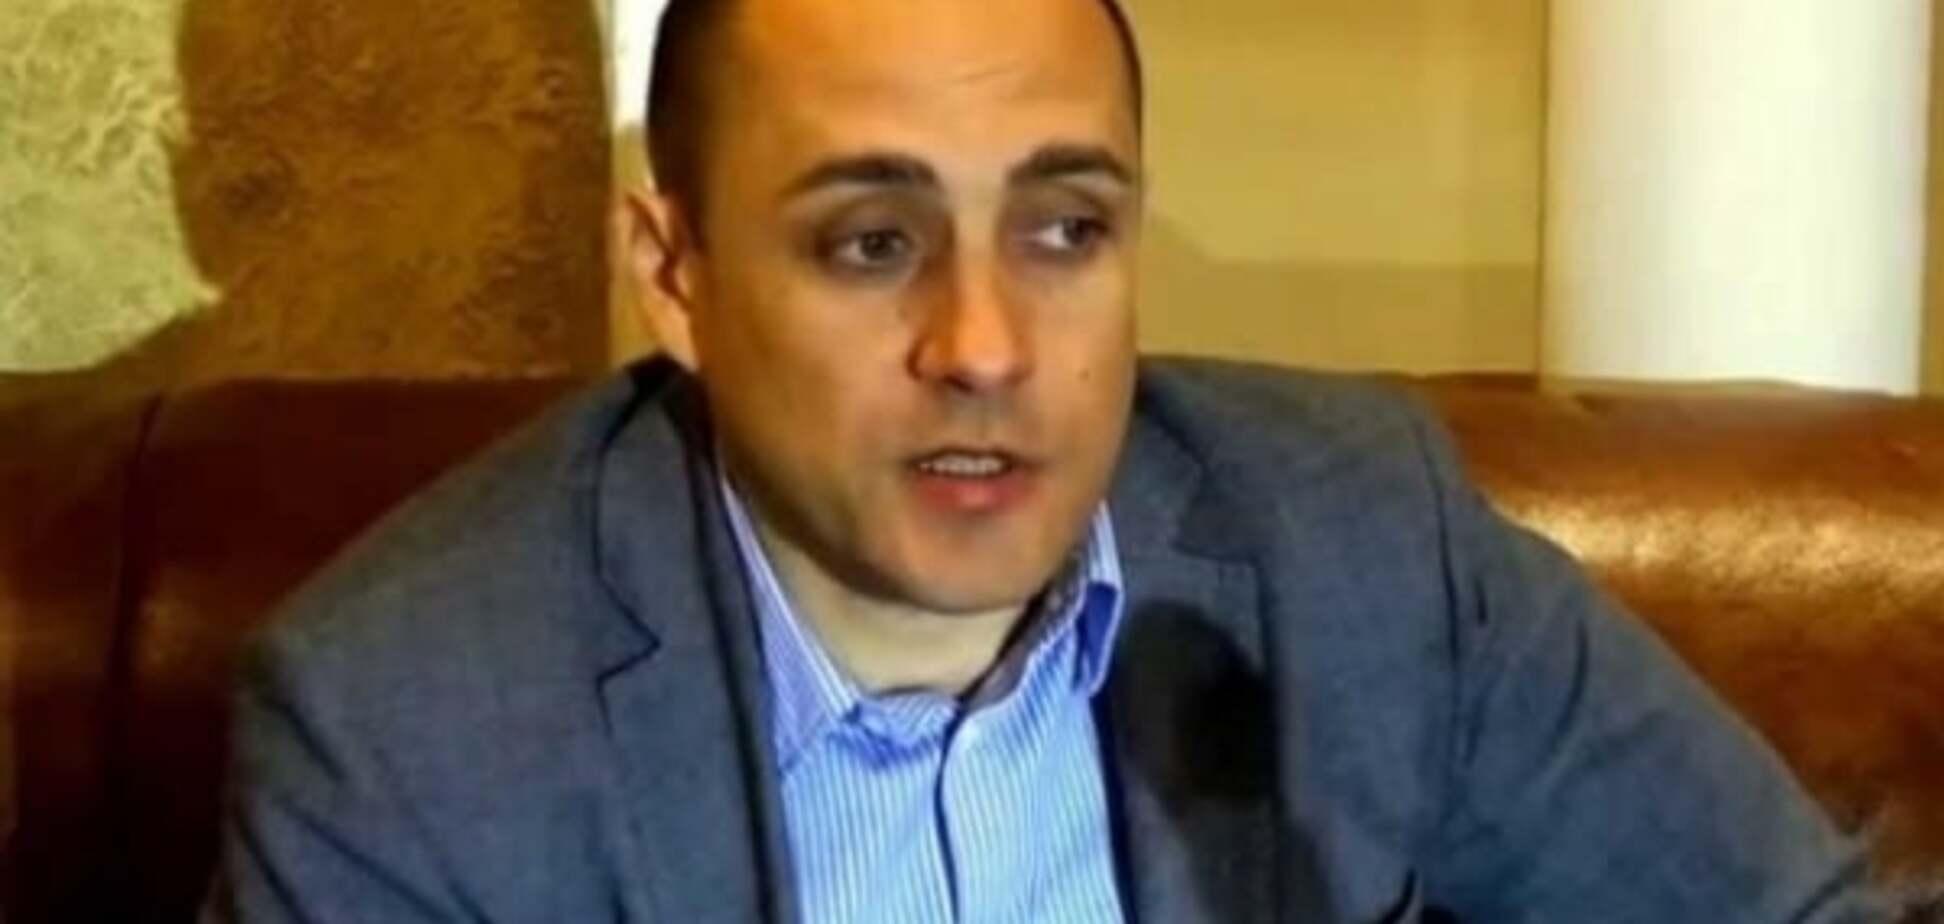 Сел в машину и приехал: экс-глава СБУ объяснил, как главарь 'ЛНР' оказался в Киеве